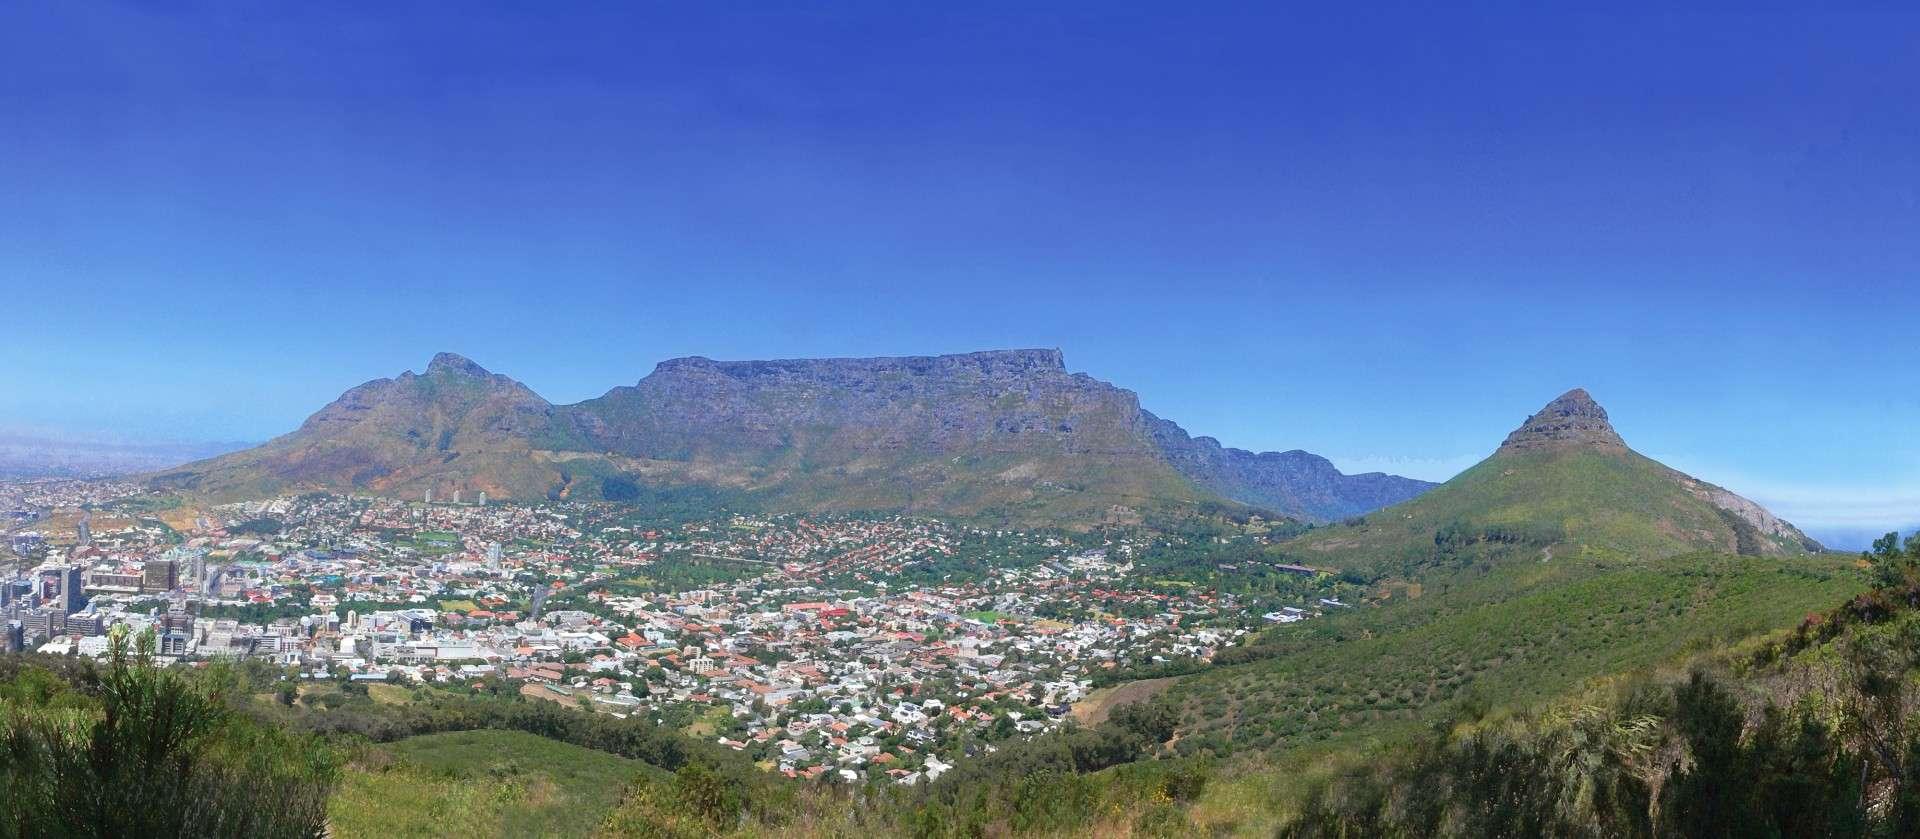 Guía rápida para conocer Ciudad del Cabo